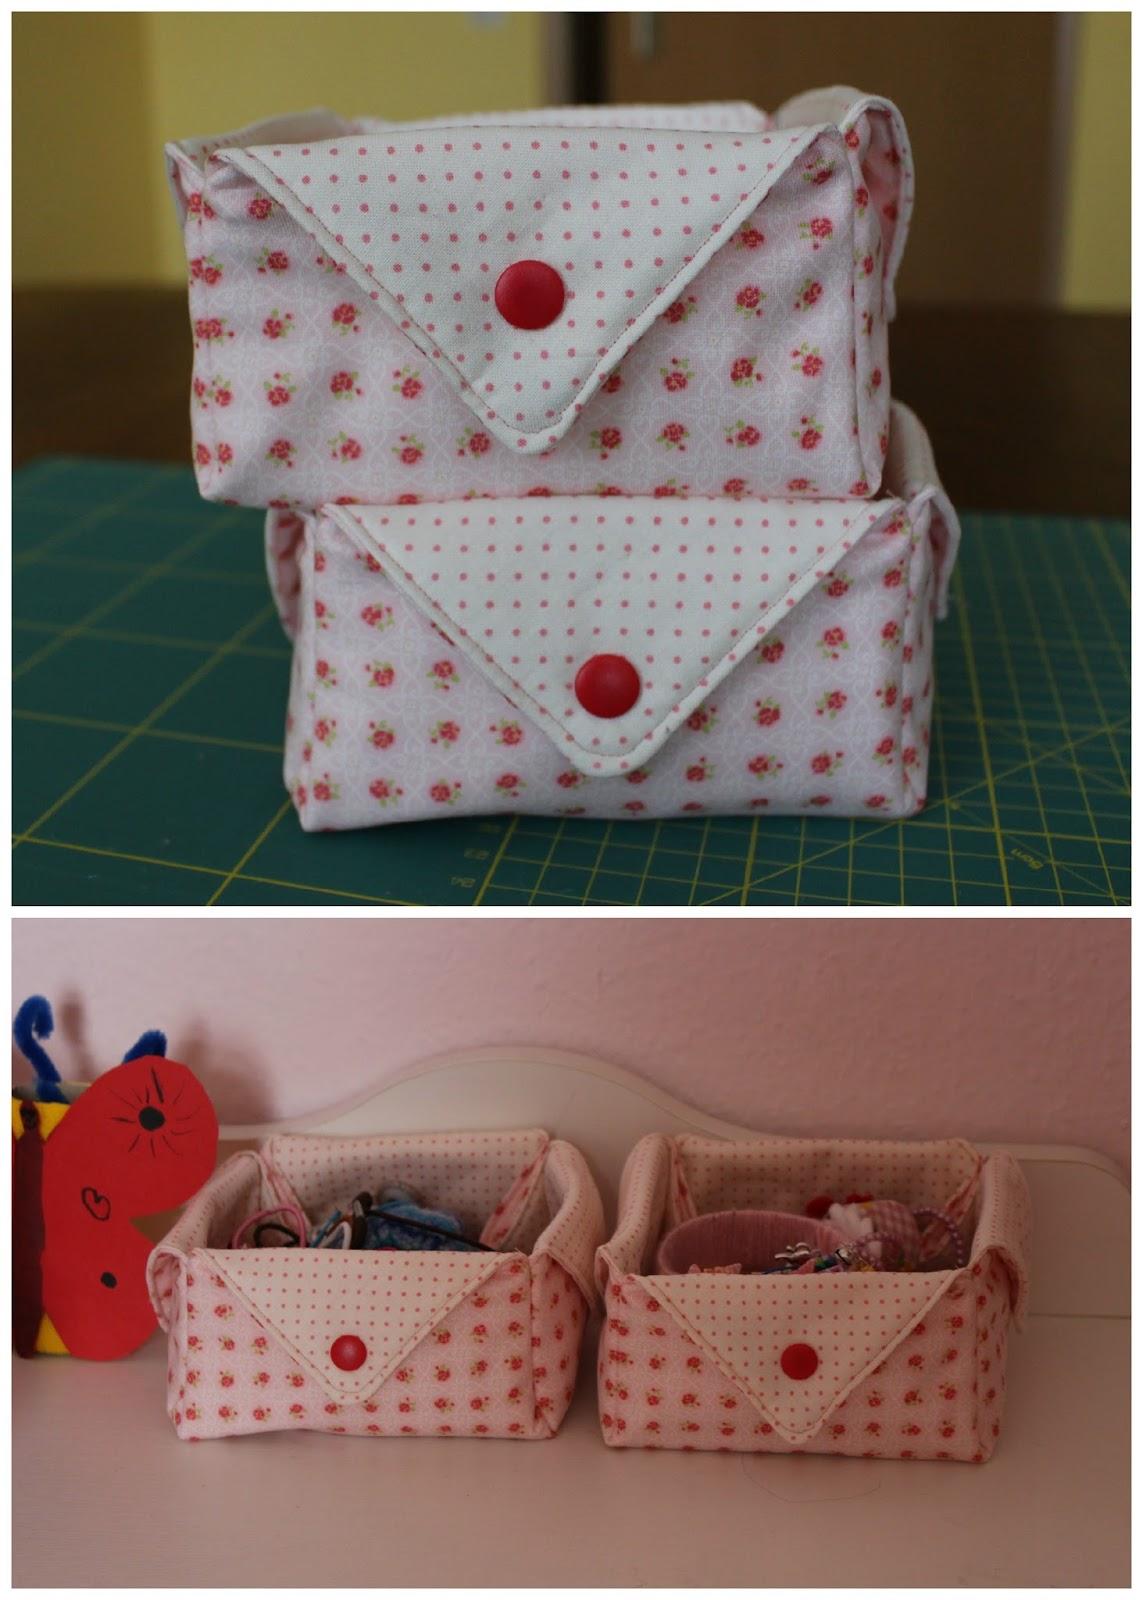 Cestini Da Lavoro Per Cucito mamma gioca: tutorial: come cucire un cestino di stoffa